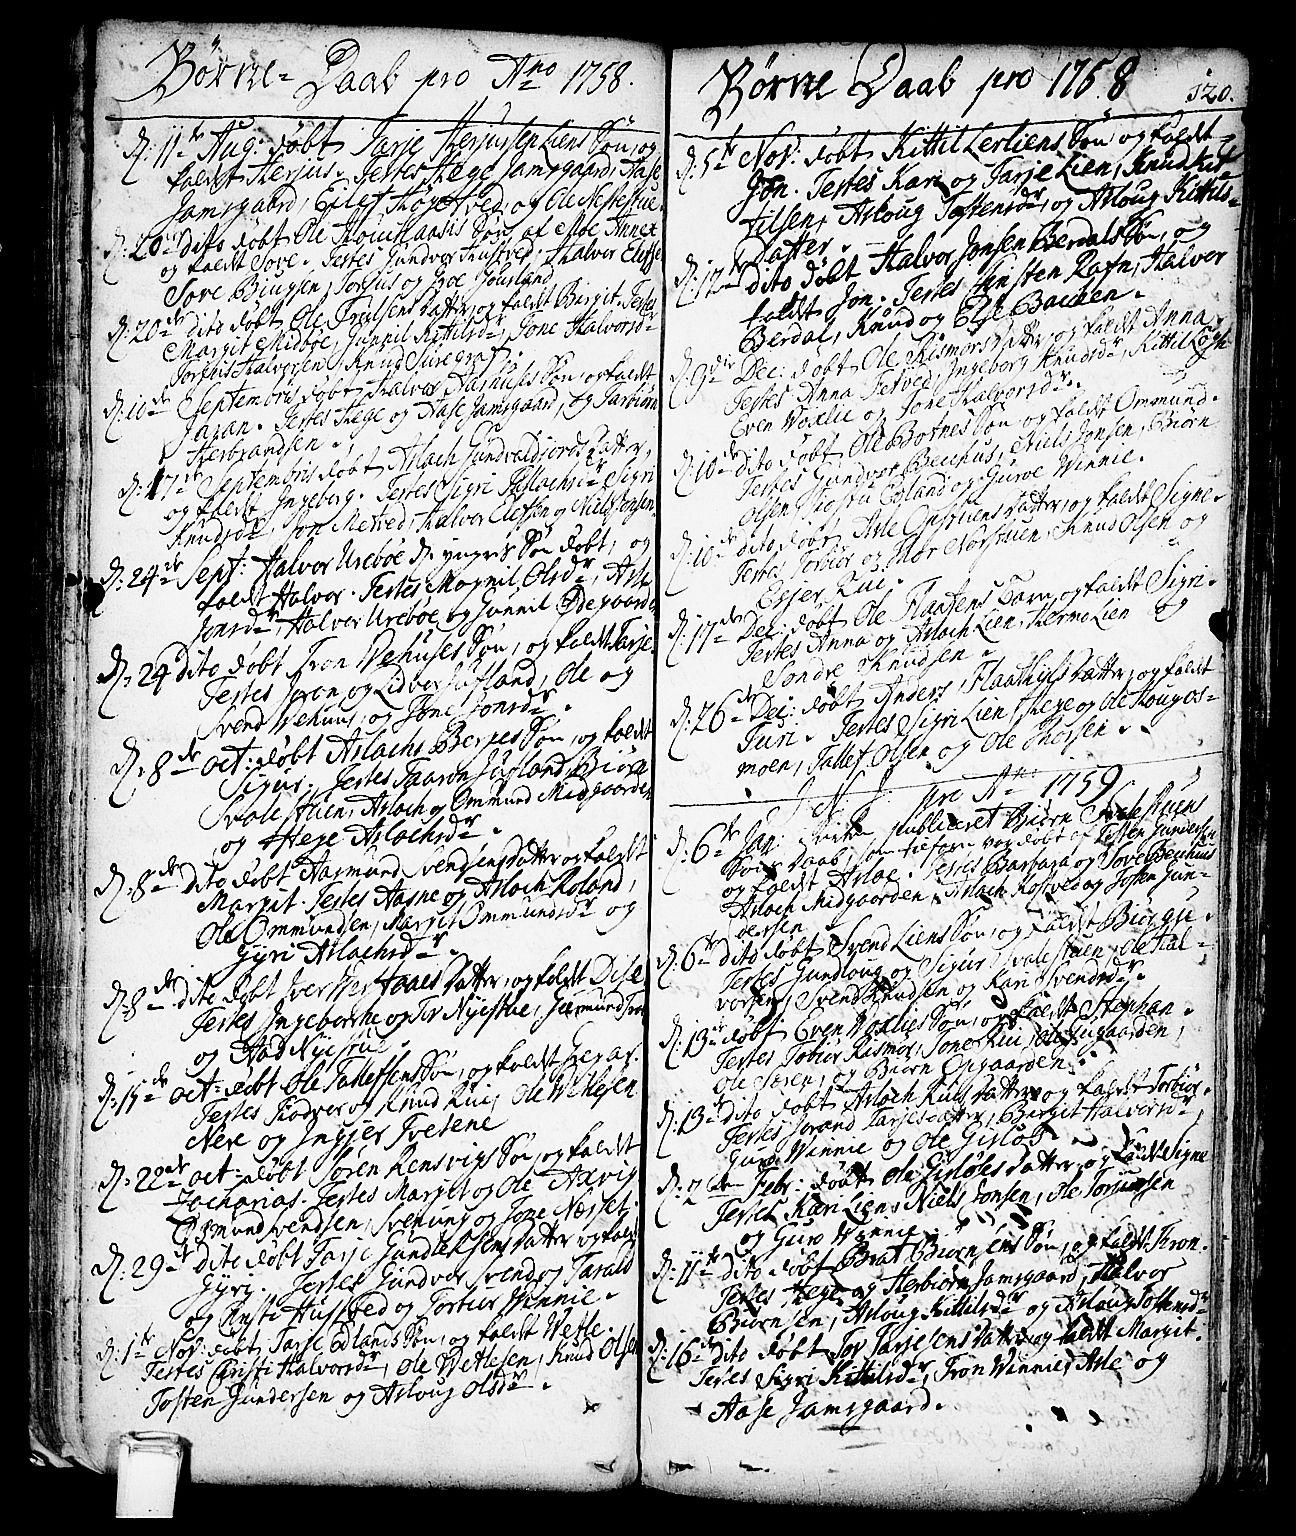 SAKO, Vinje kirkebøker, F/Fa/L0001: Ministerialbok nr. I 1, 1717-1766, s. 120